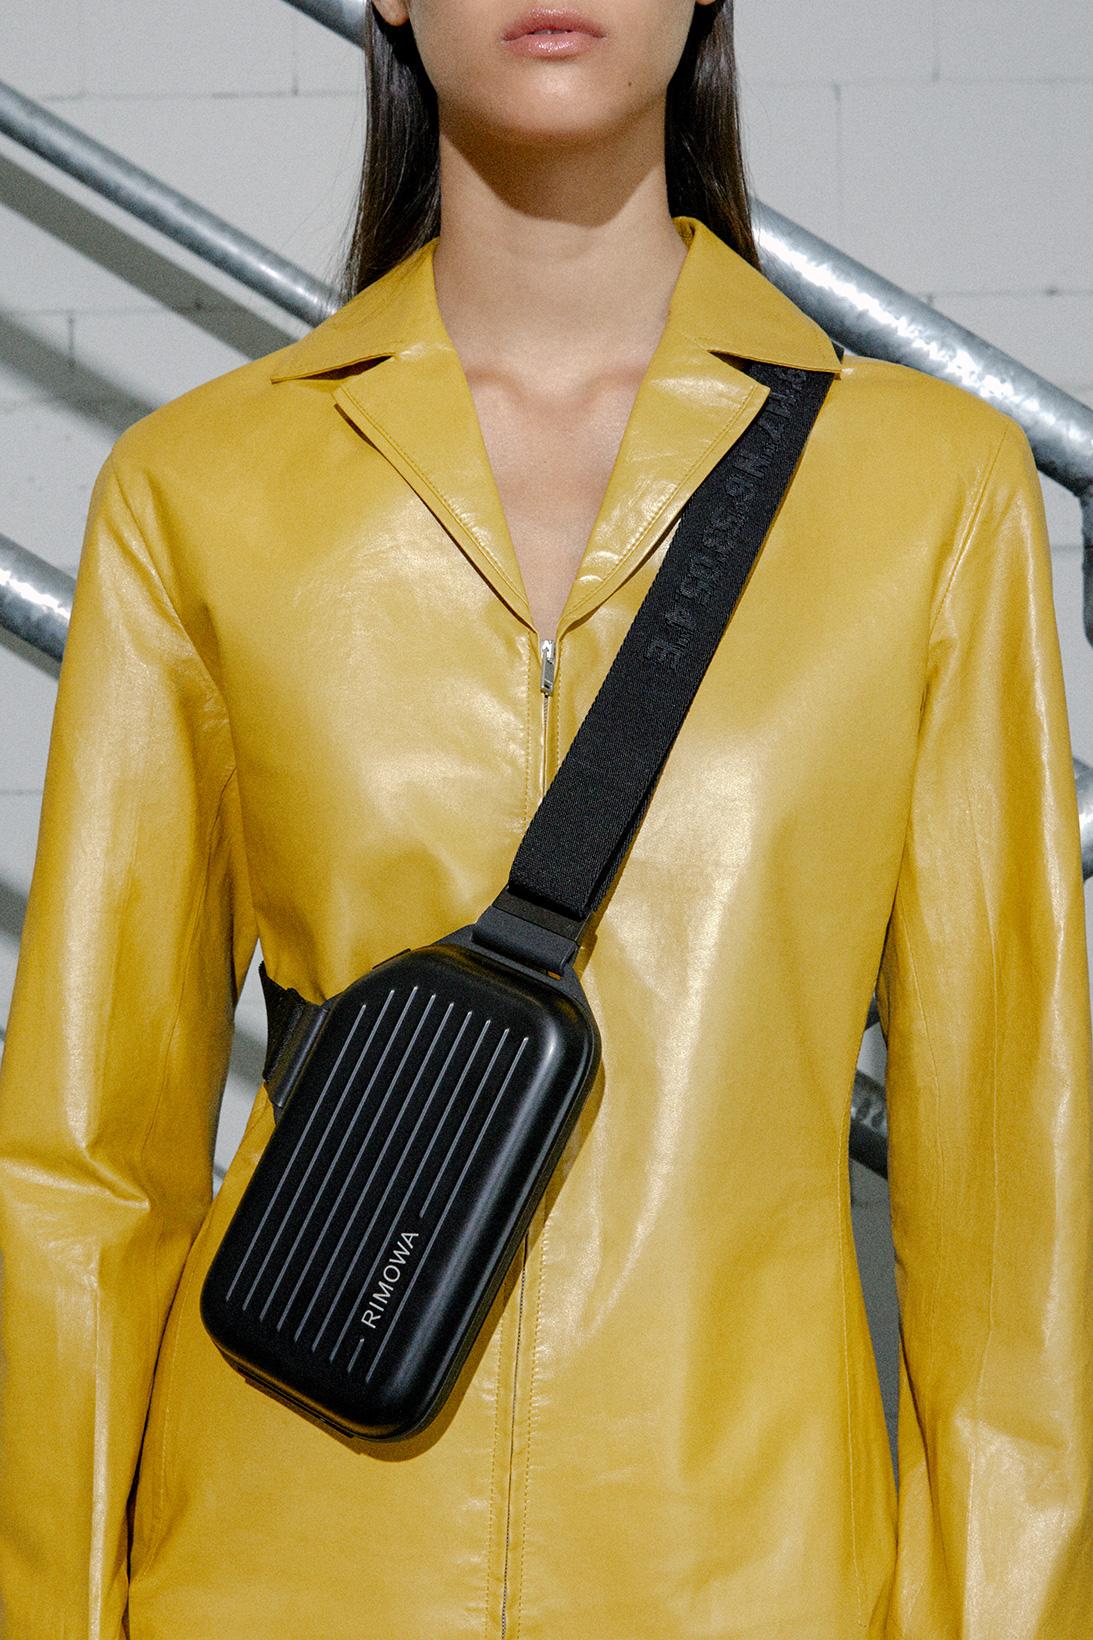 Rimowa выпустил новые унисекс-модели сумок (фото 2)